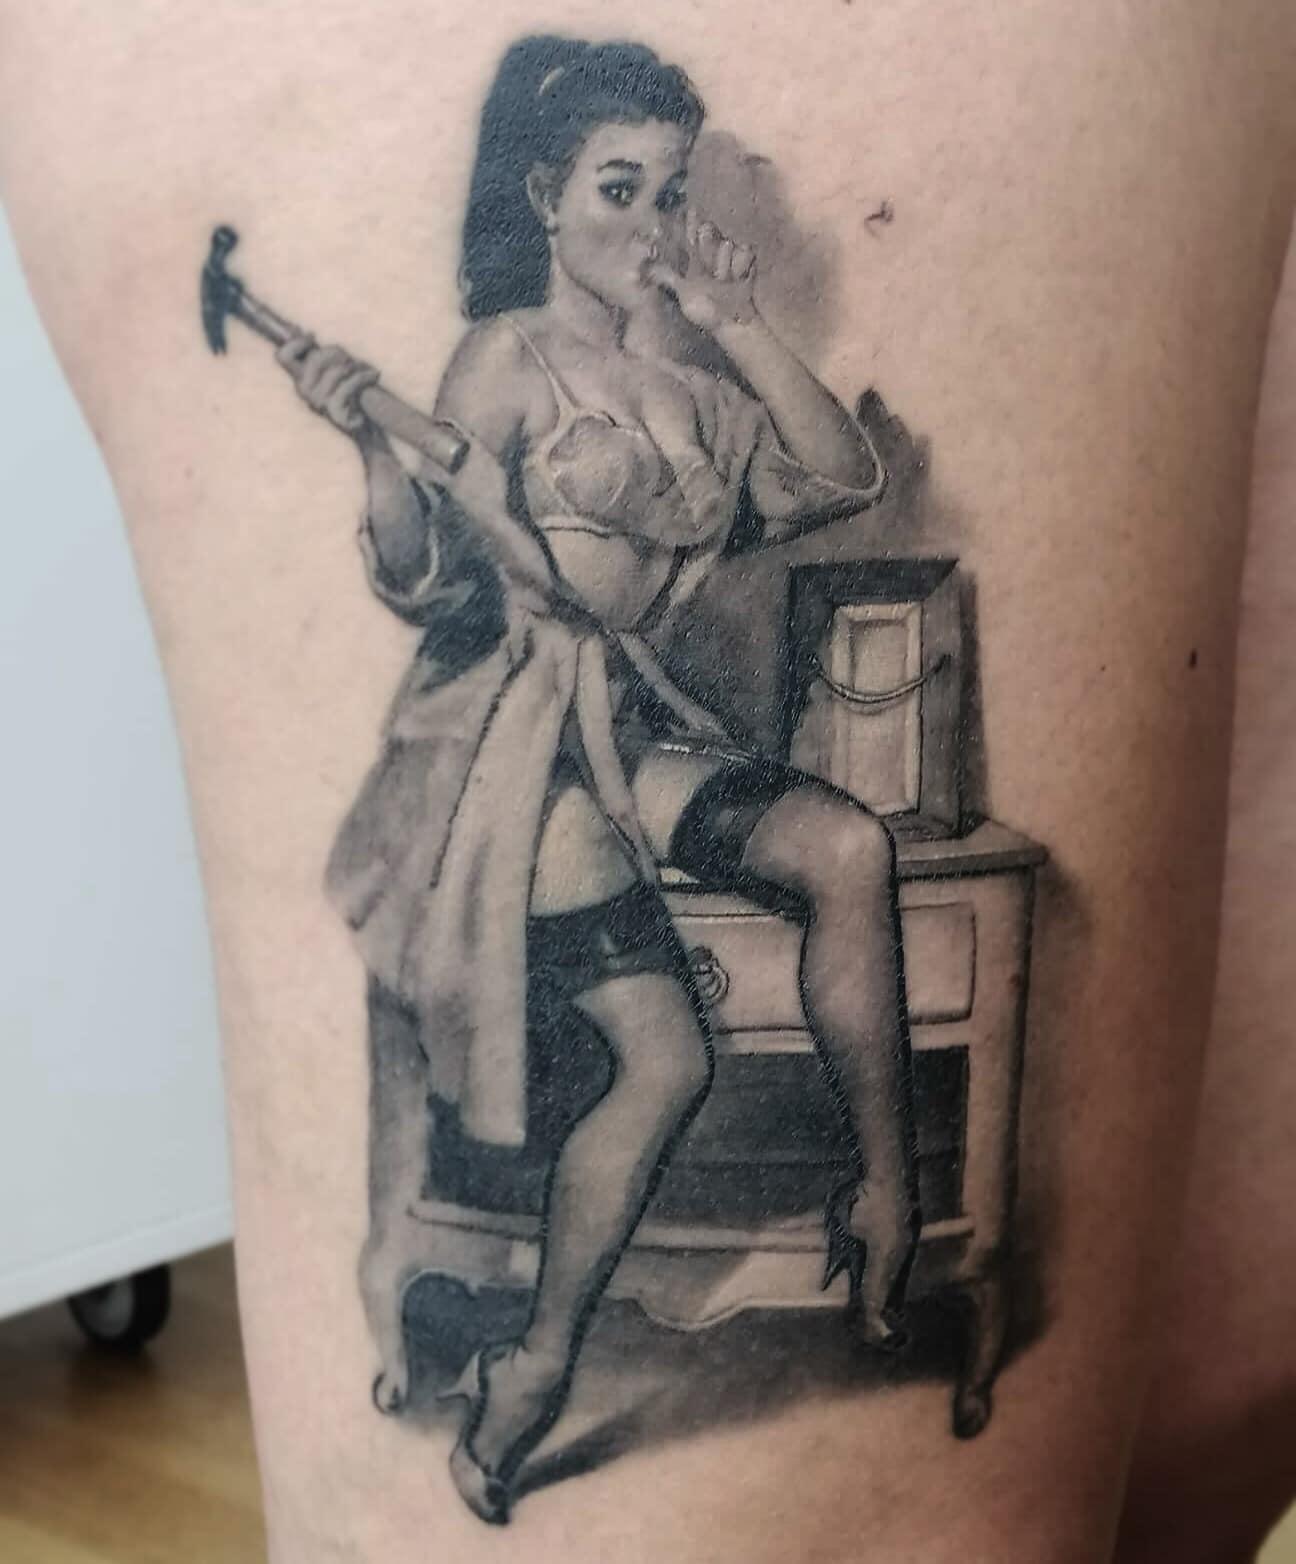 Maui Meherzi - Opus Magnum Tattoo Studio Wien - Black and Grey Pin Up